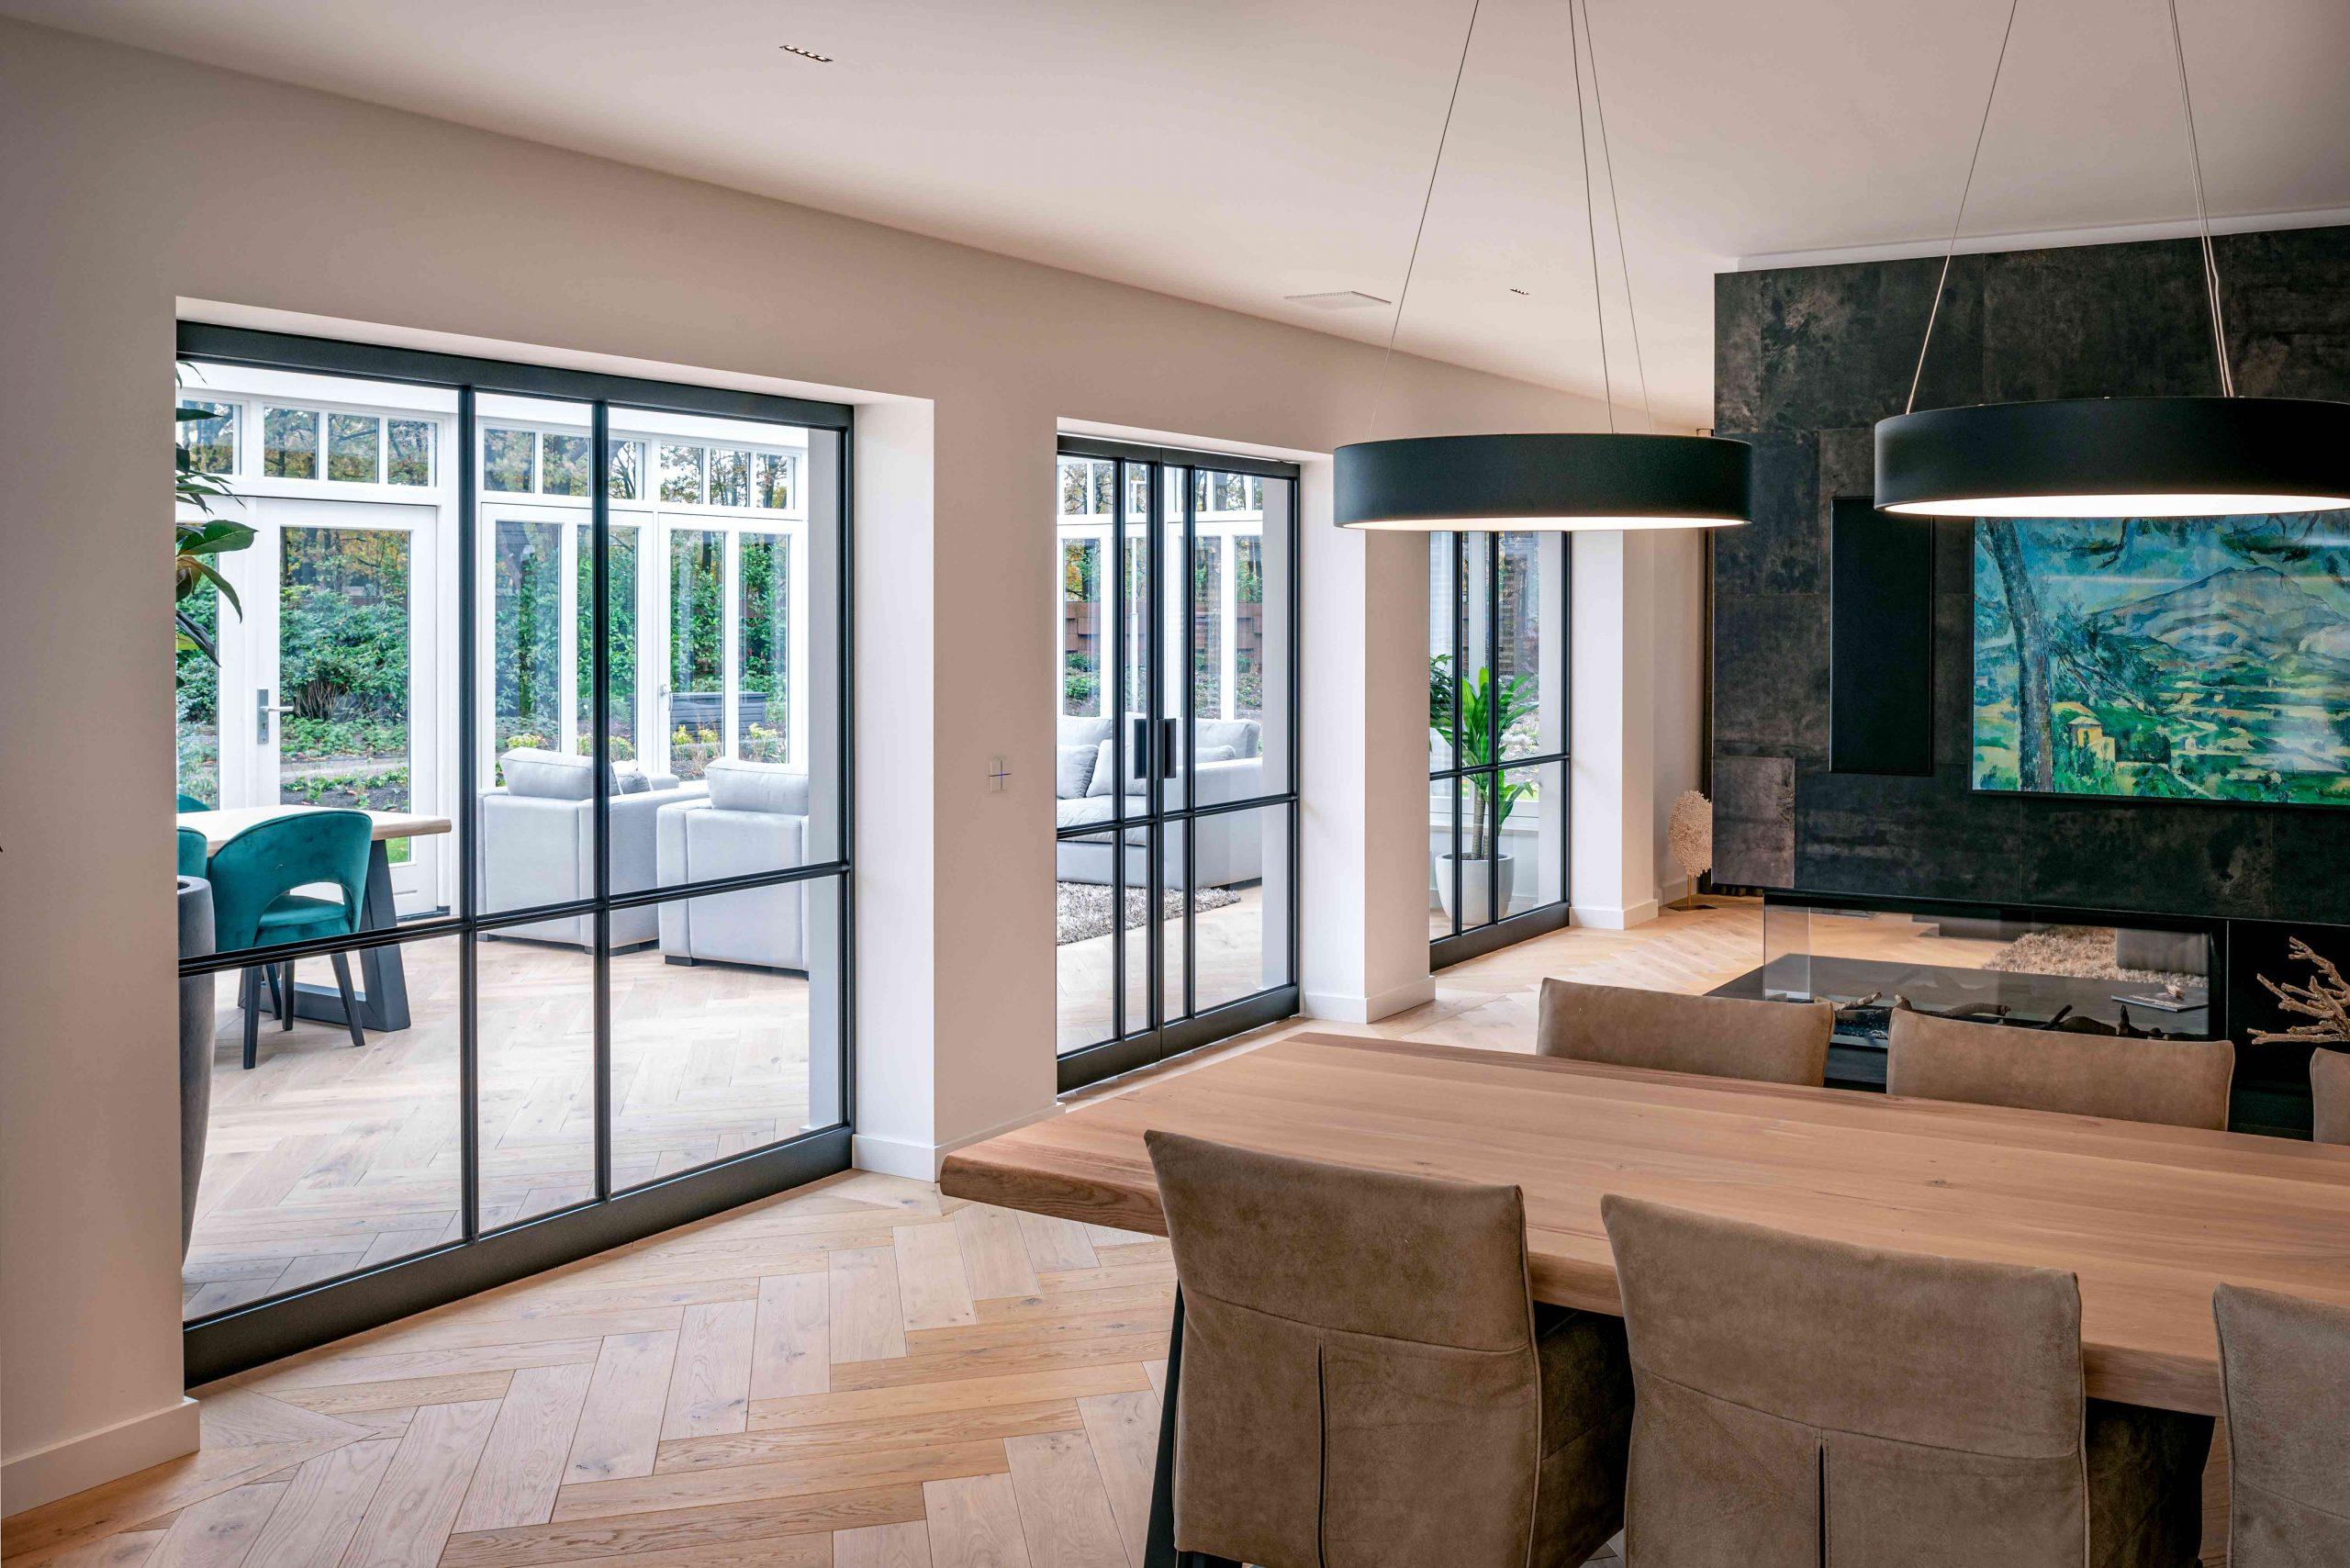 2591-multiple-glass-and-steel-pivot-doors-designed-by-preferro-fritsjurgens-pivot-hinges-inside-scaled.jpg